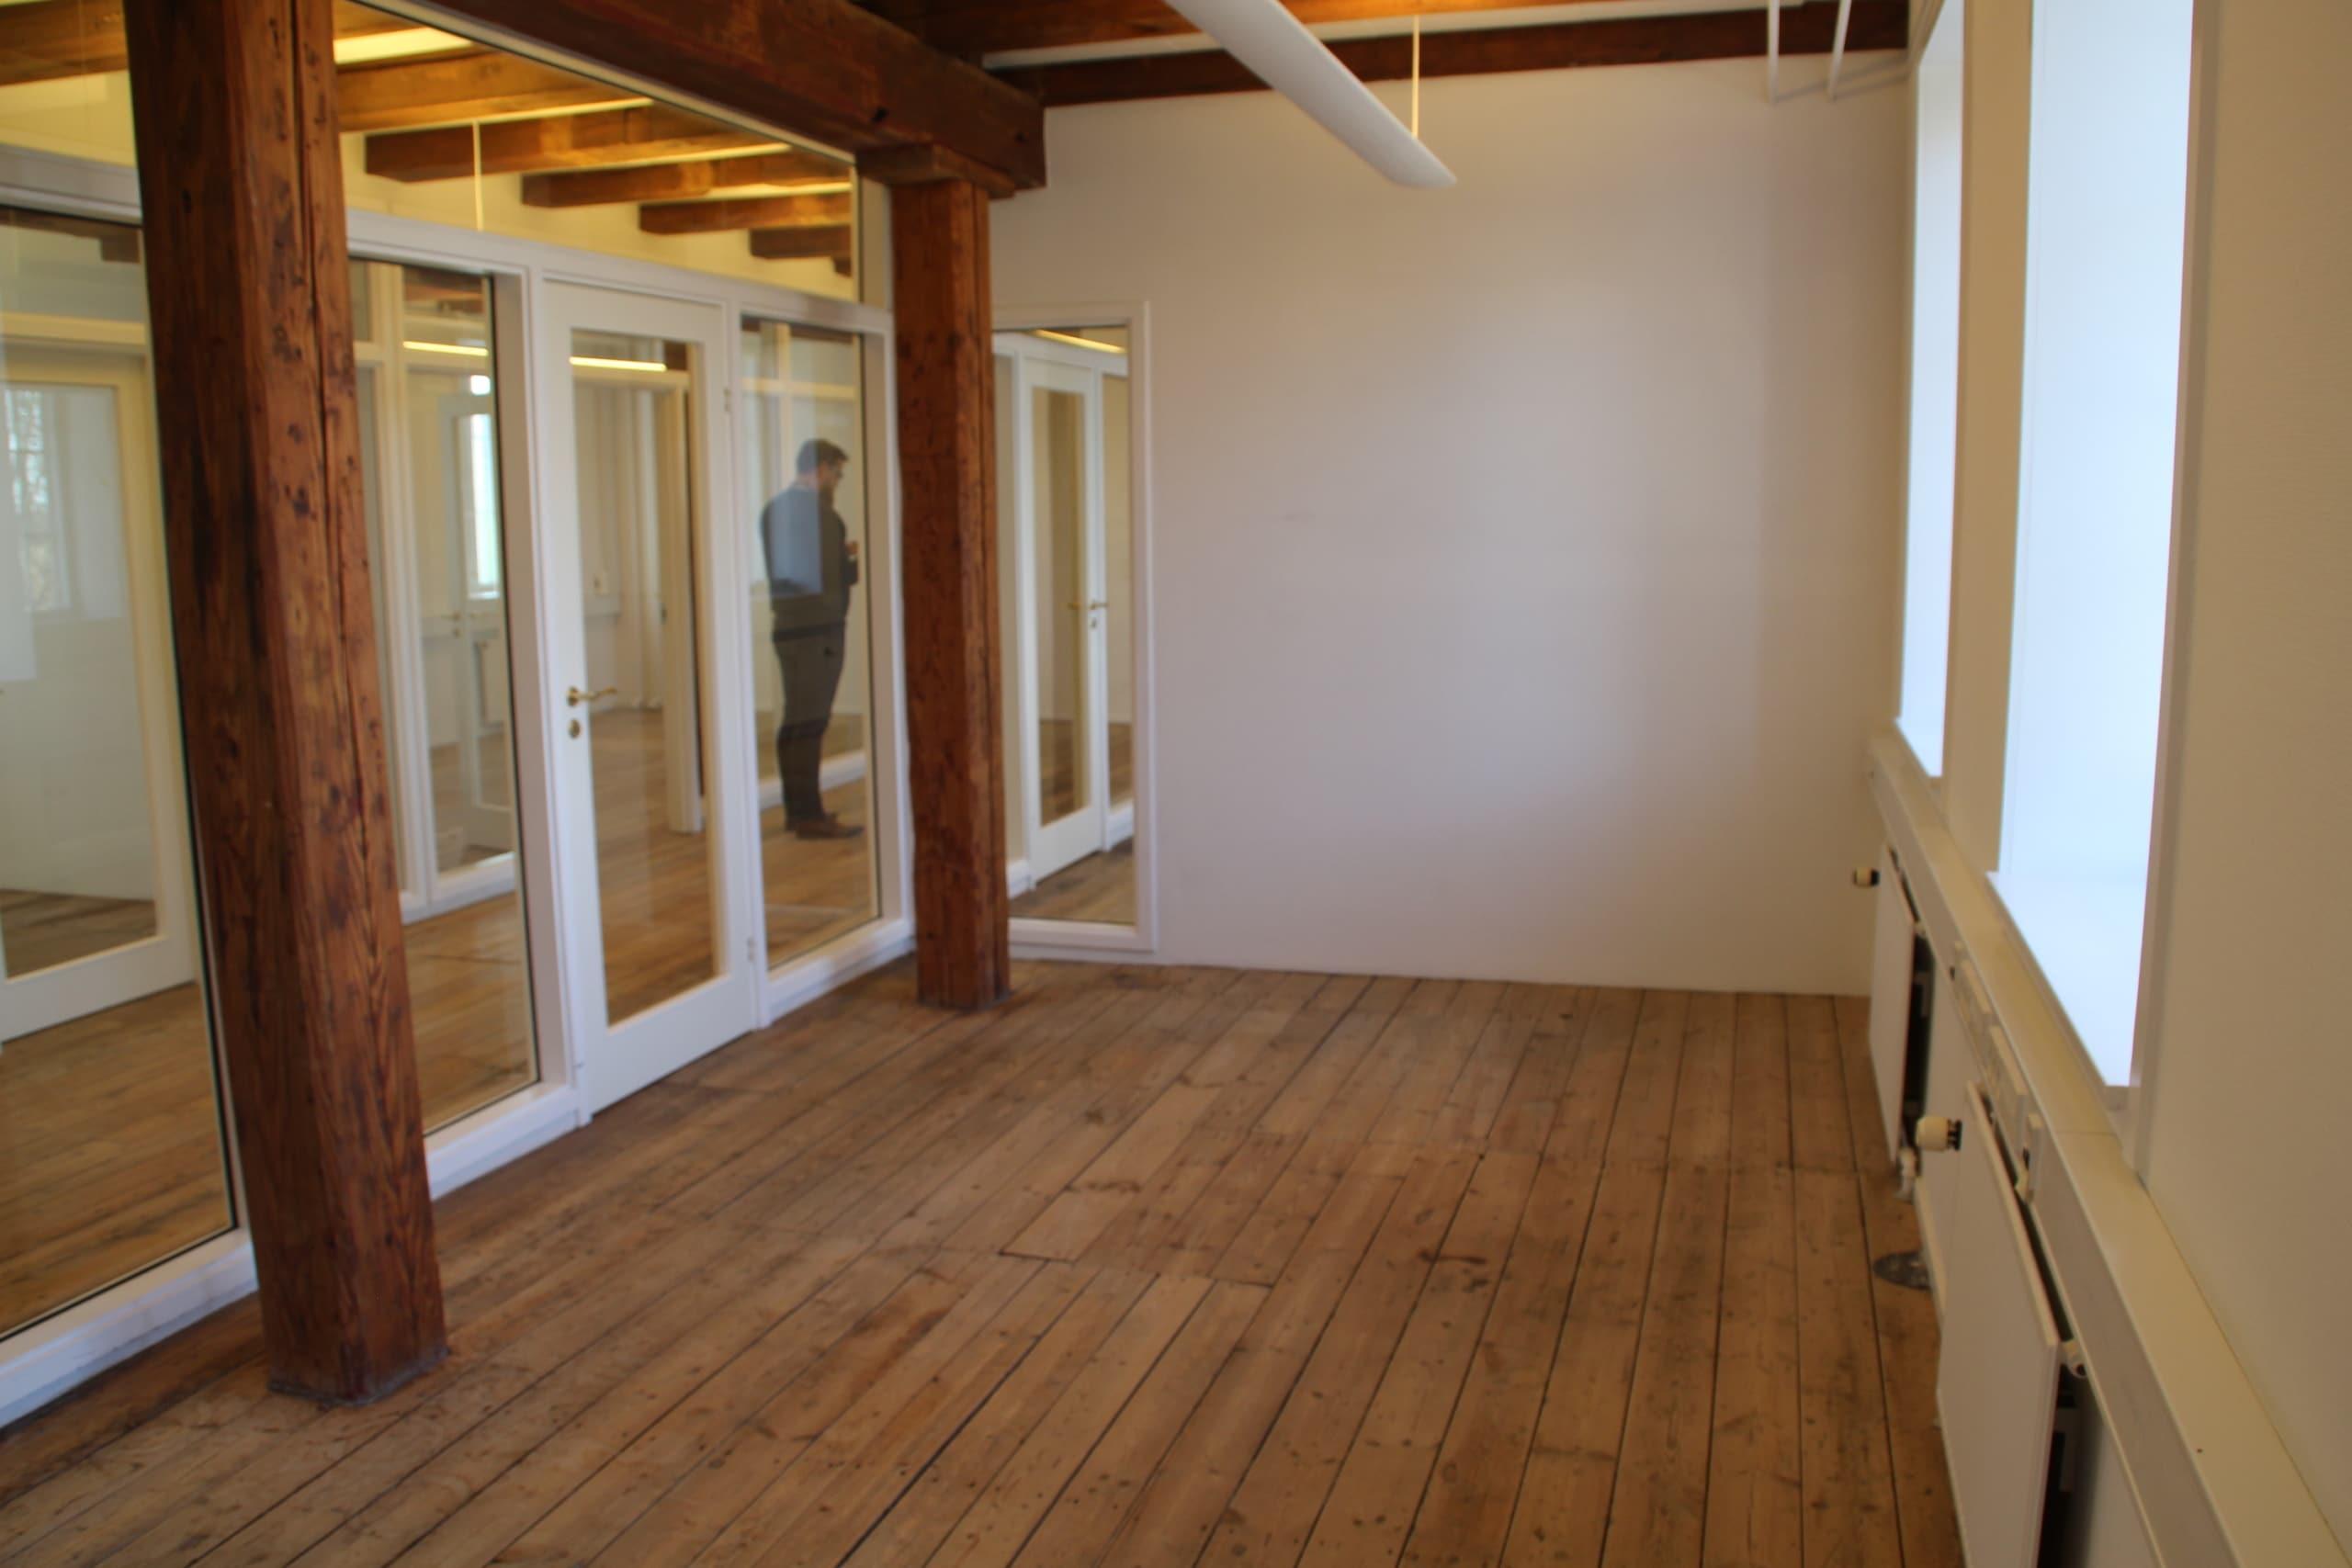 Et lukket kontor i Nivå med plads til cirka 2-3 personer. Det er velegnet til mange typer erhverv.